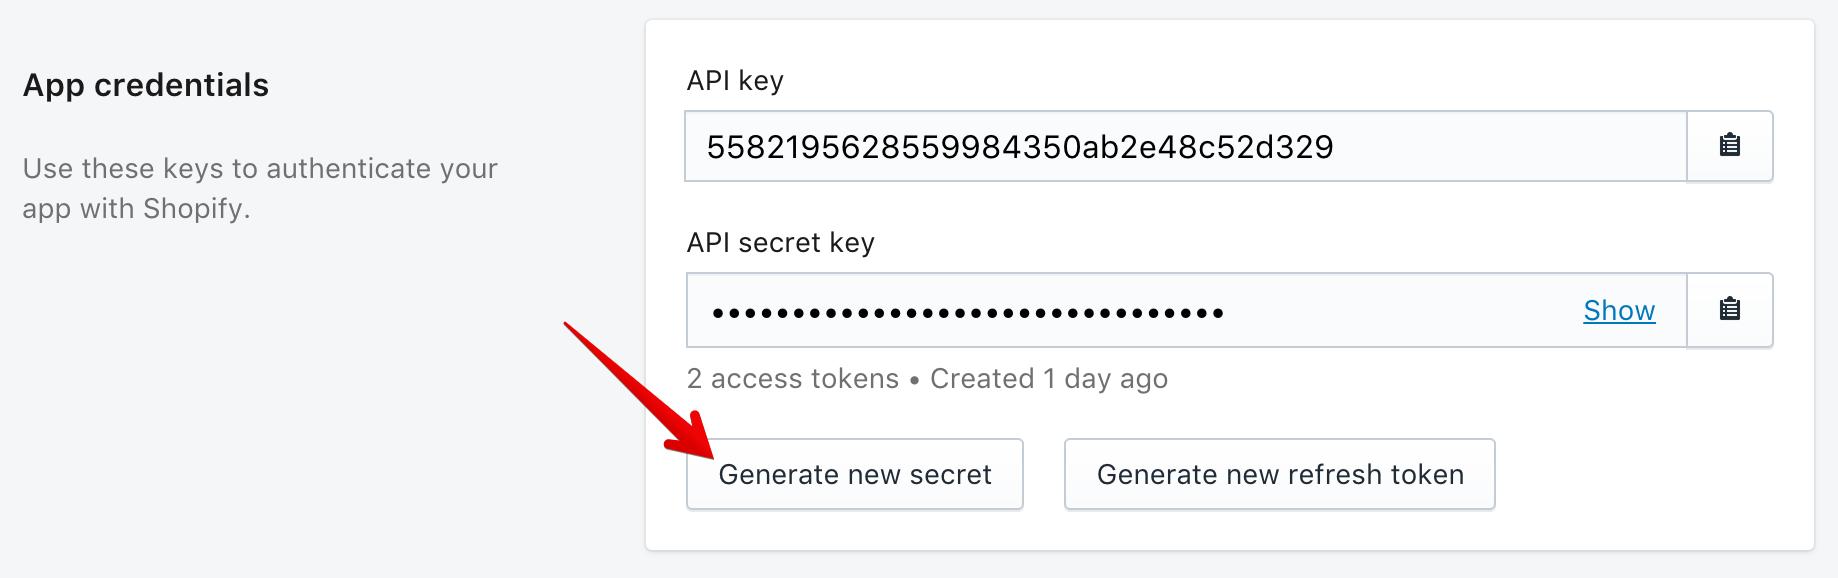 API credential rotation · Shopify Help Center